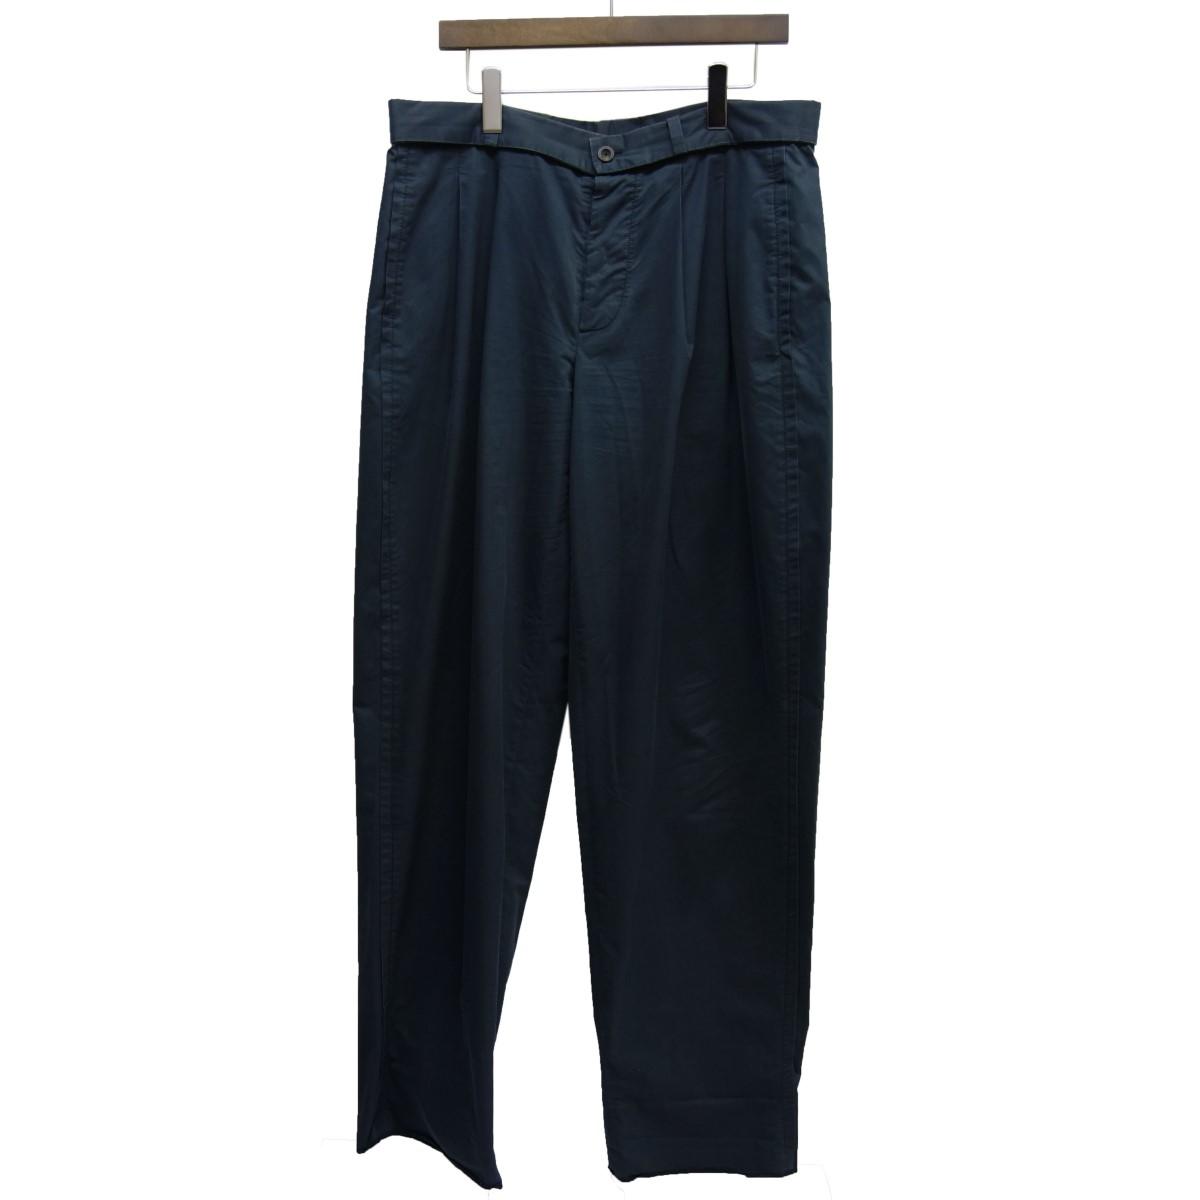 【中古】JIL SANDER 2タックパンツ ネイビー サイズ:52 【180320】(ジルサンダー)